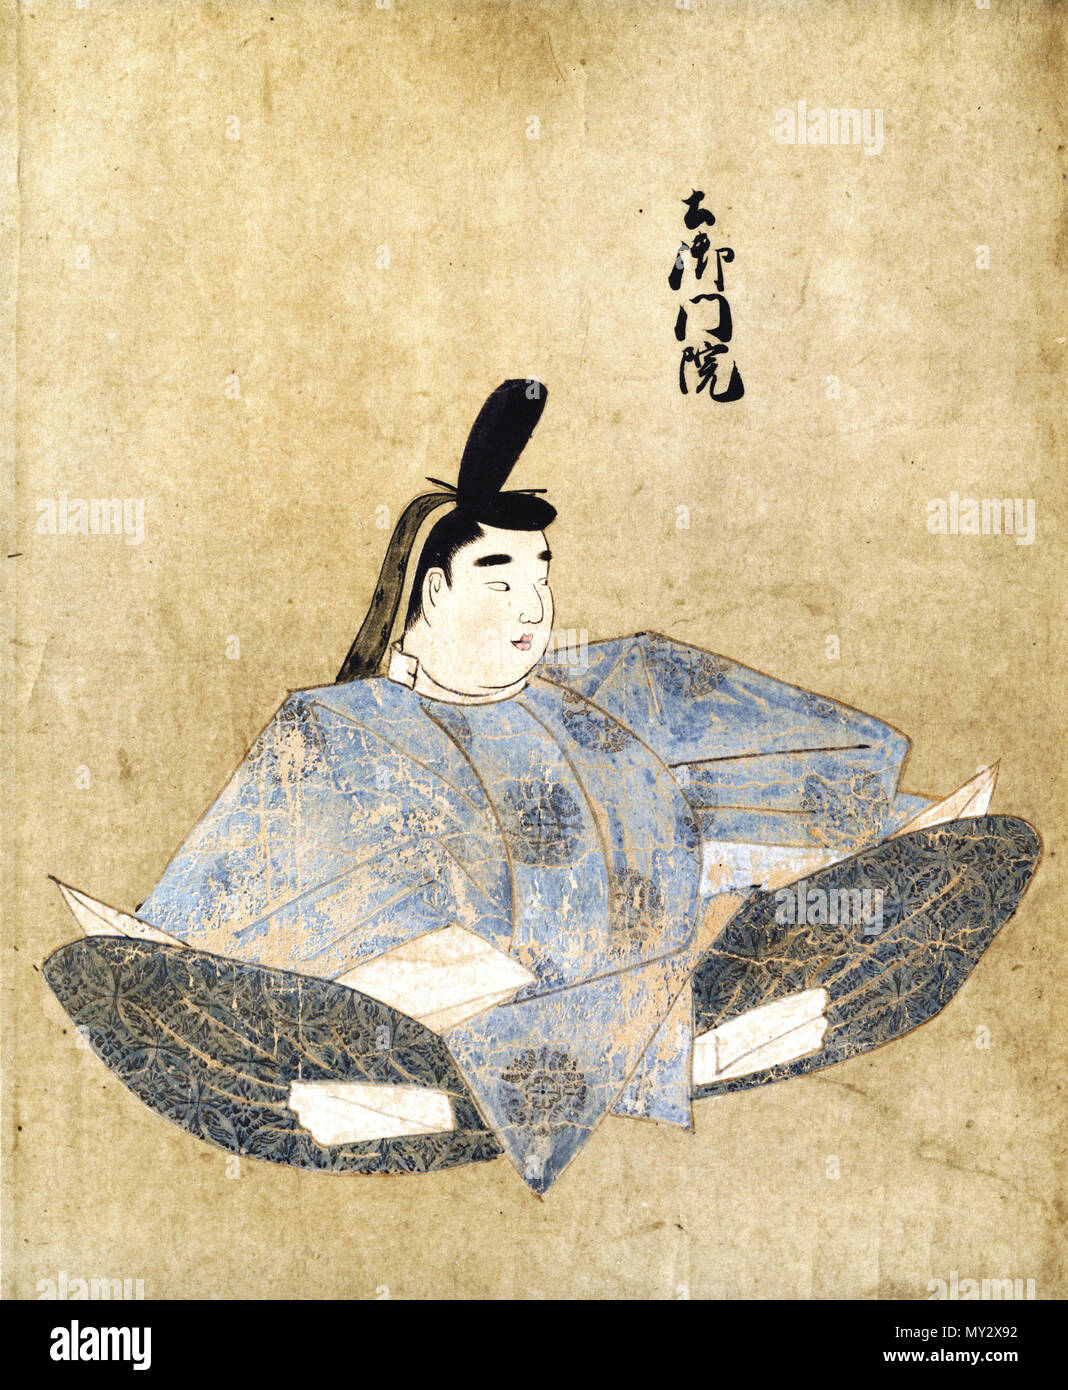 日本語: 土御門天皇像(『天子摂...